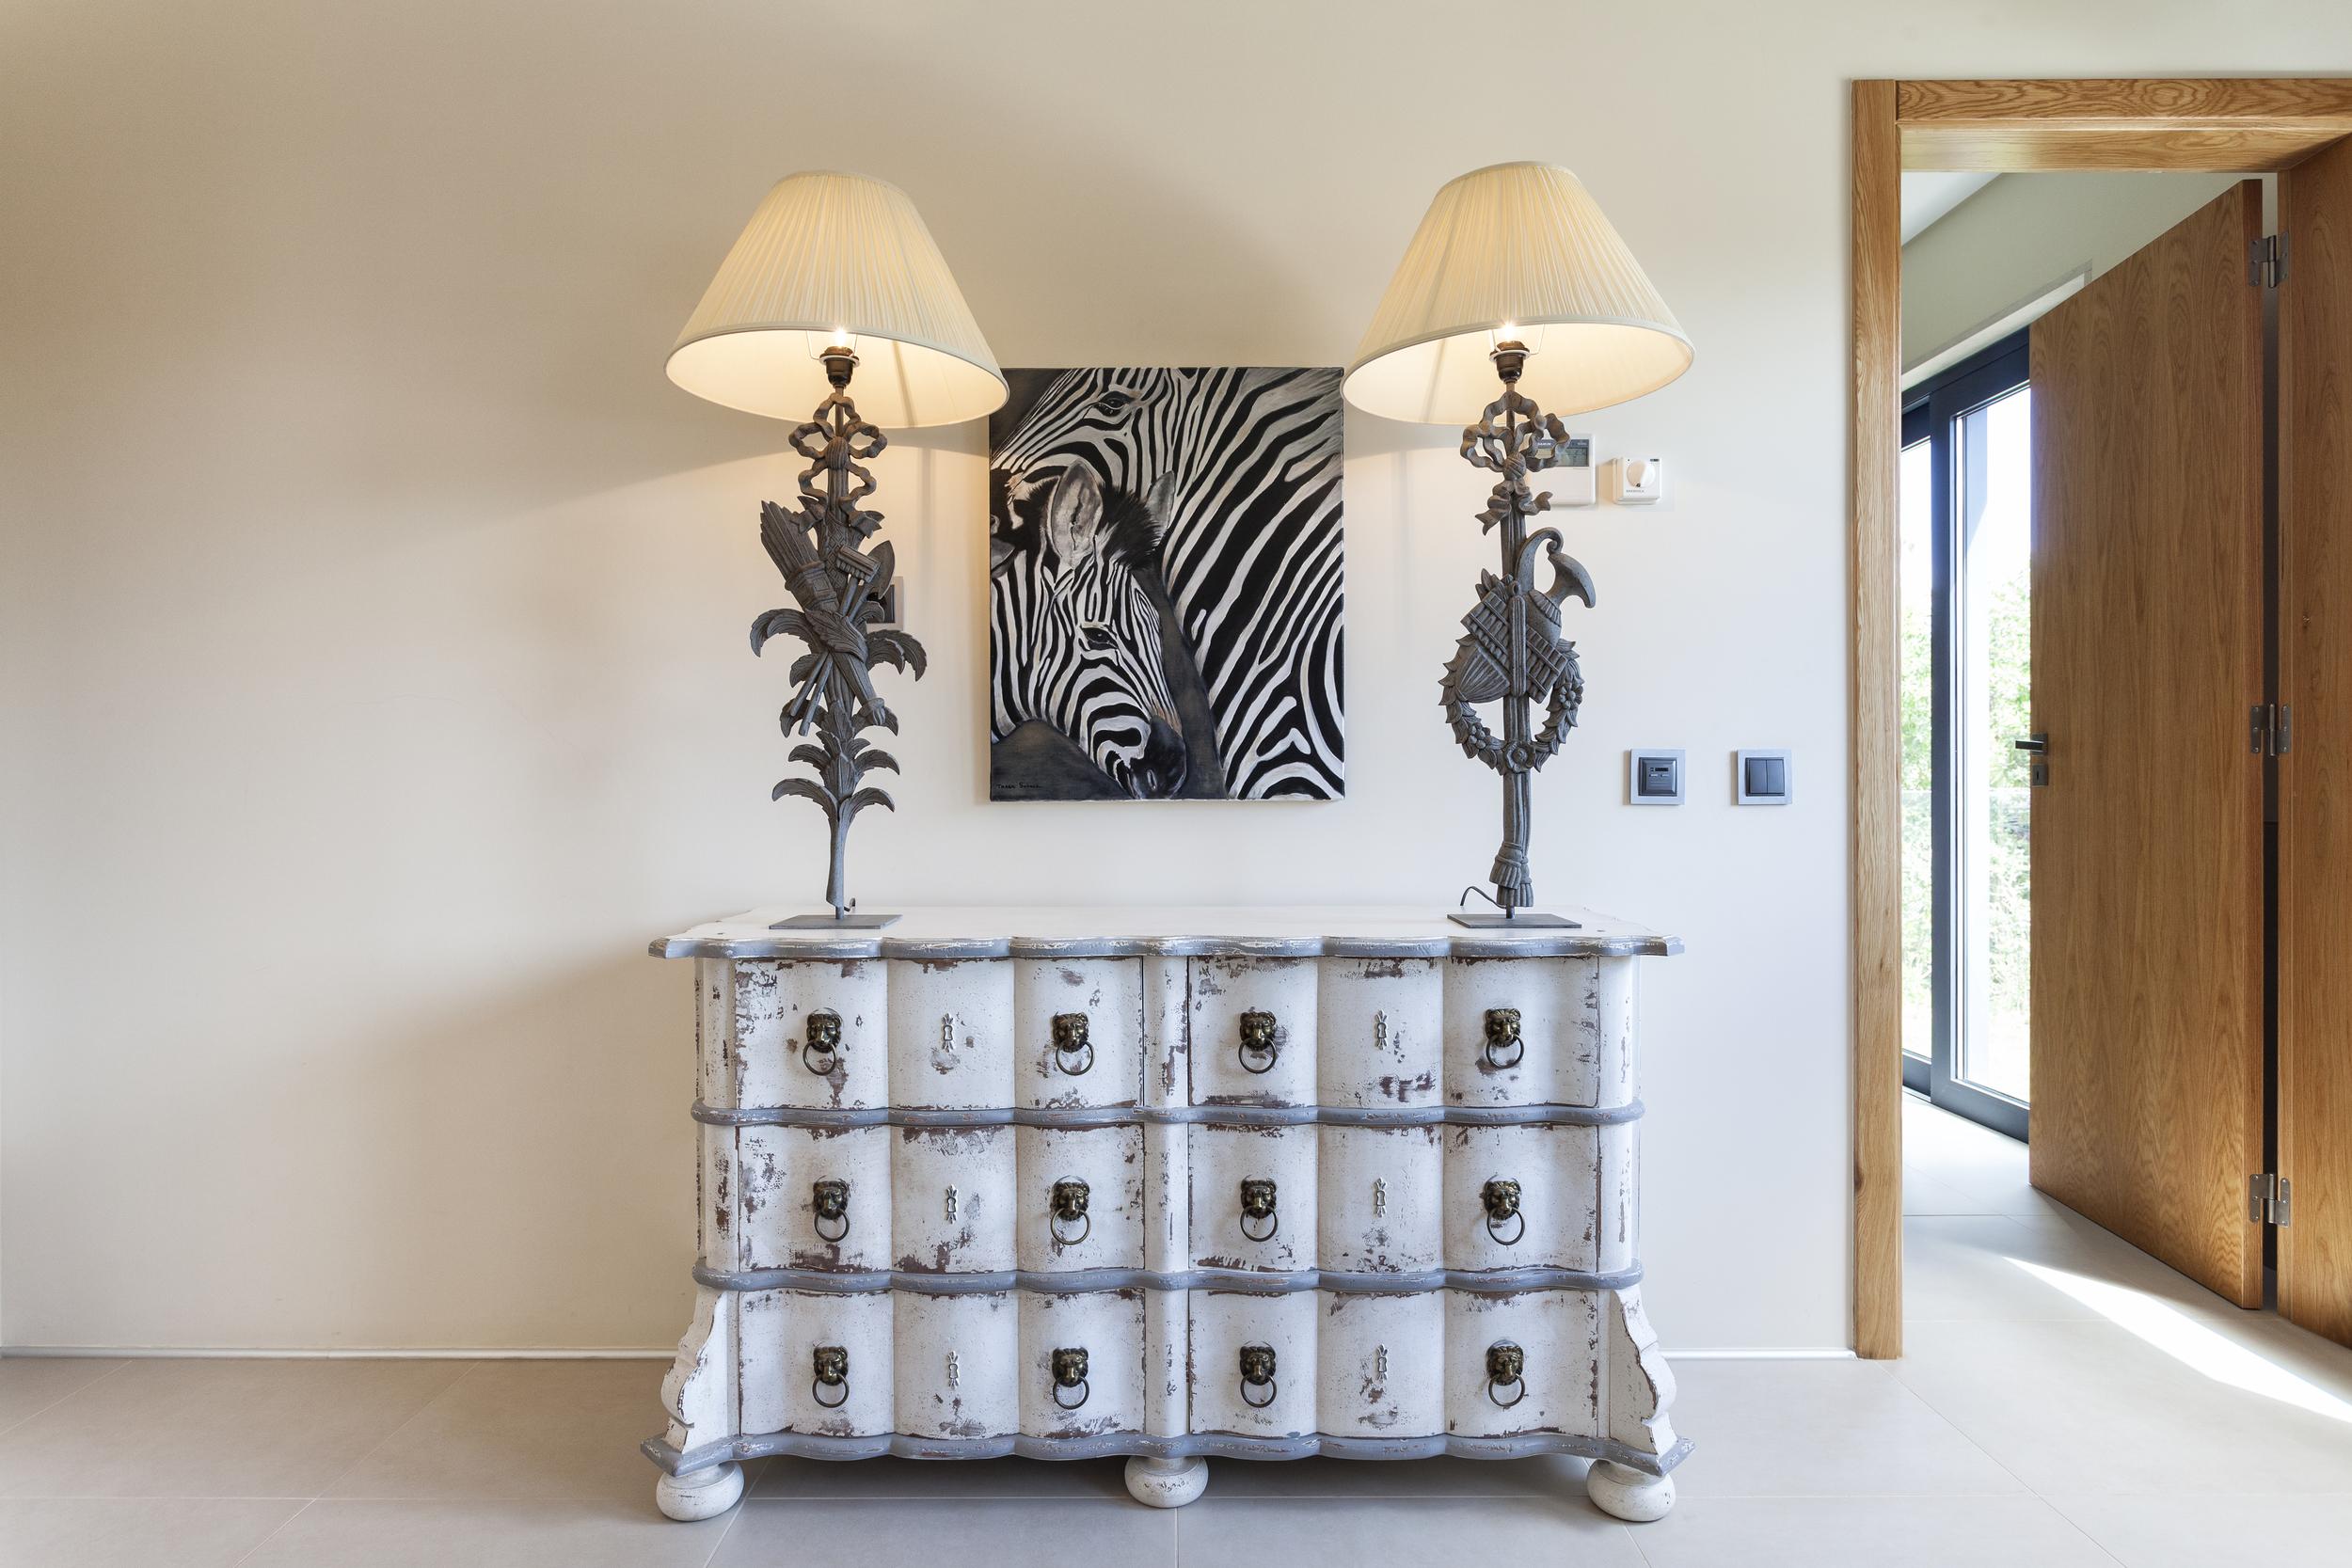 4 bedroom villa to rent in Quinta do Lago, RLV, Villa Serpentine,10.jpg